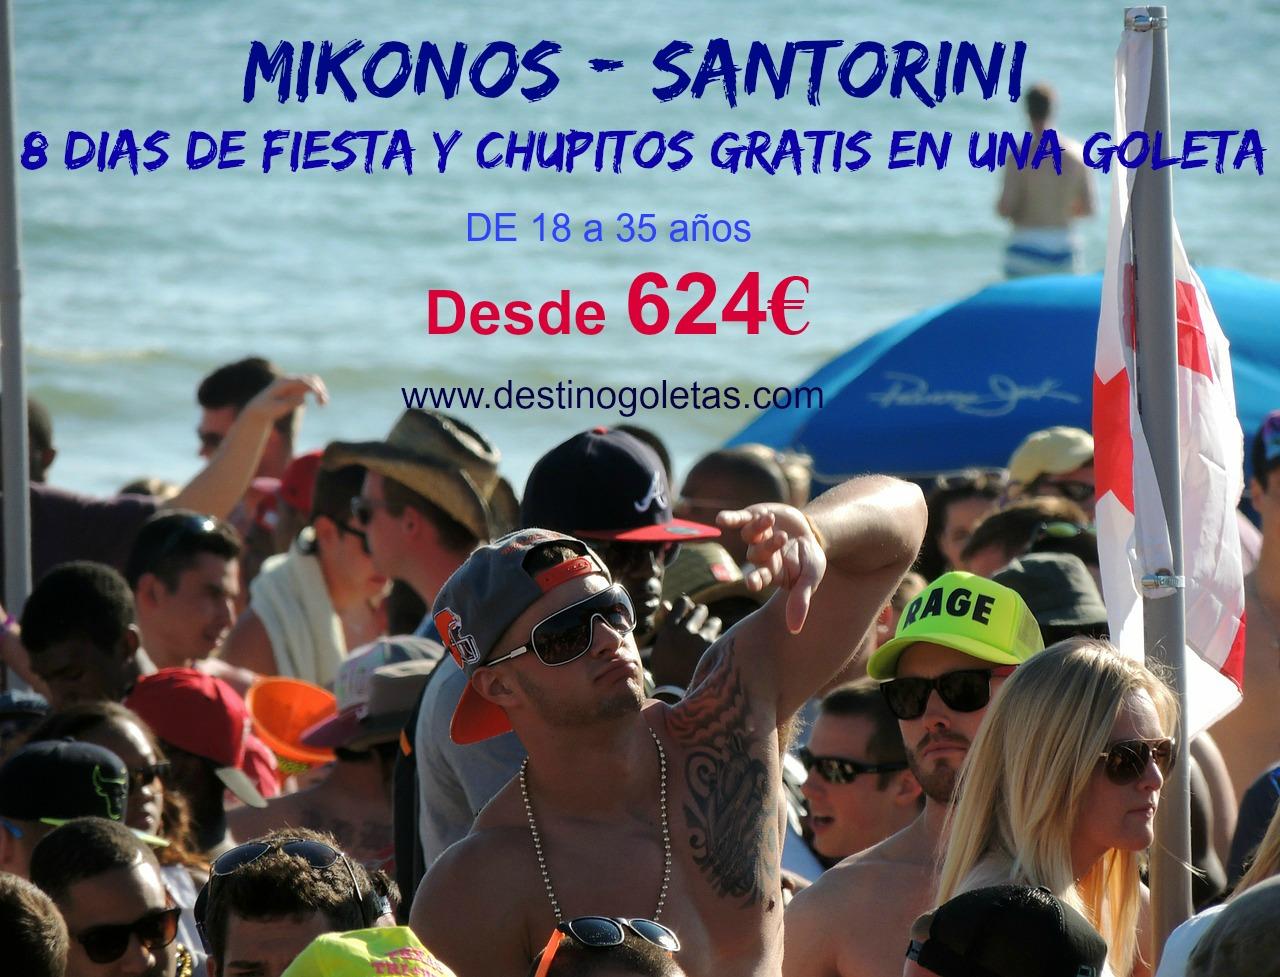 NOCHES DE FIESTA EN MIKONOS - SANTORINI